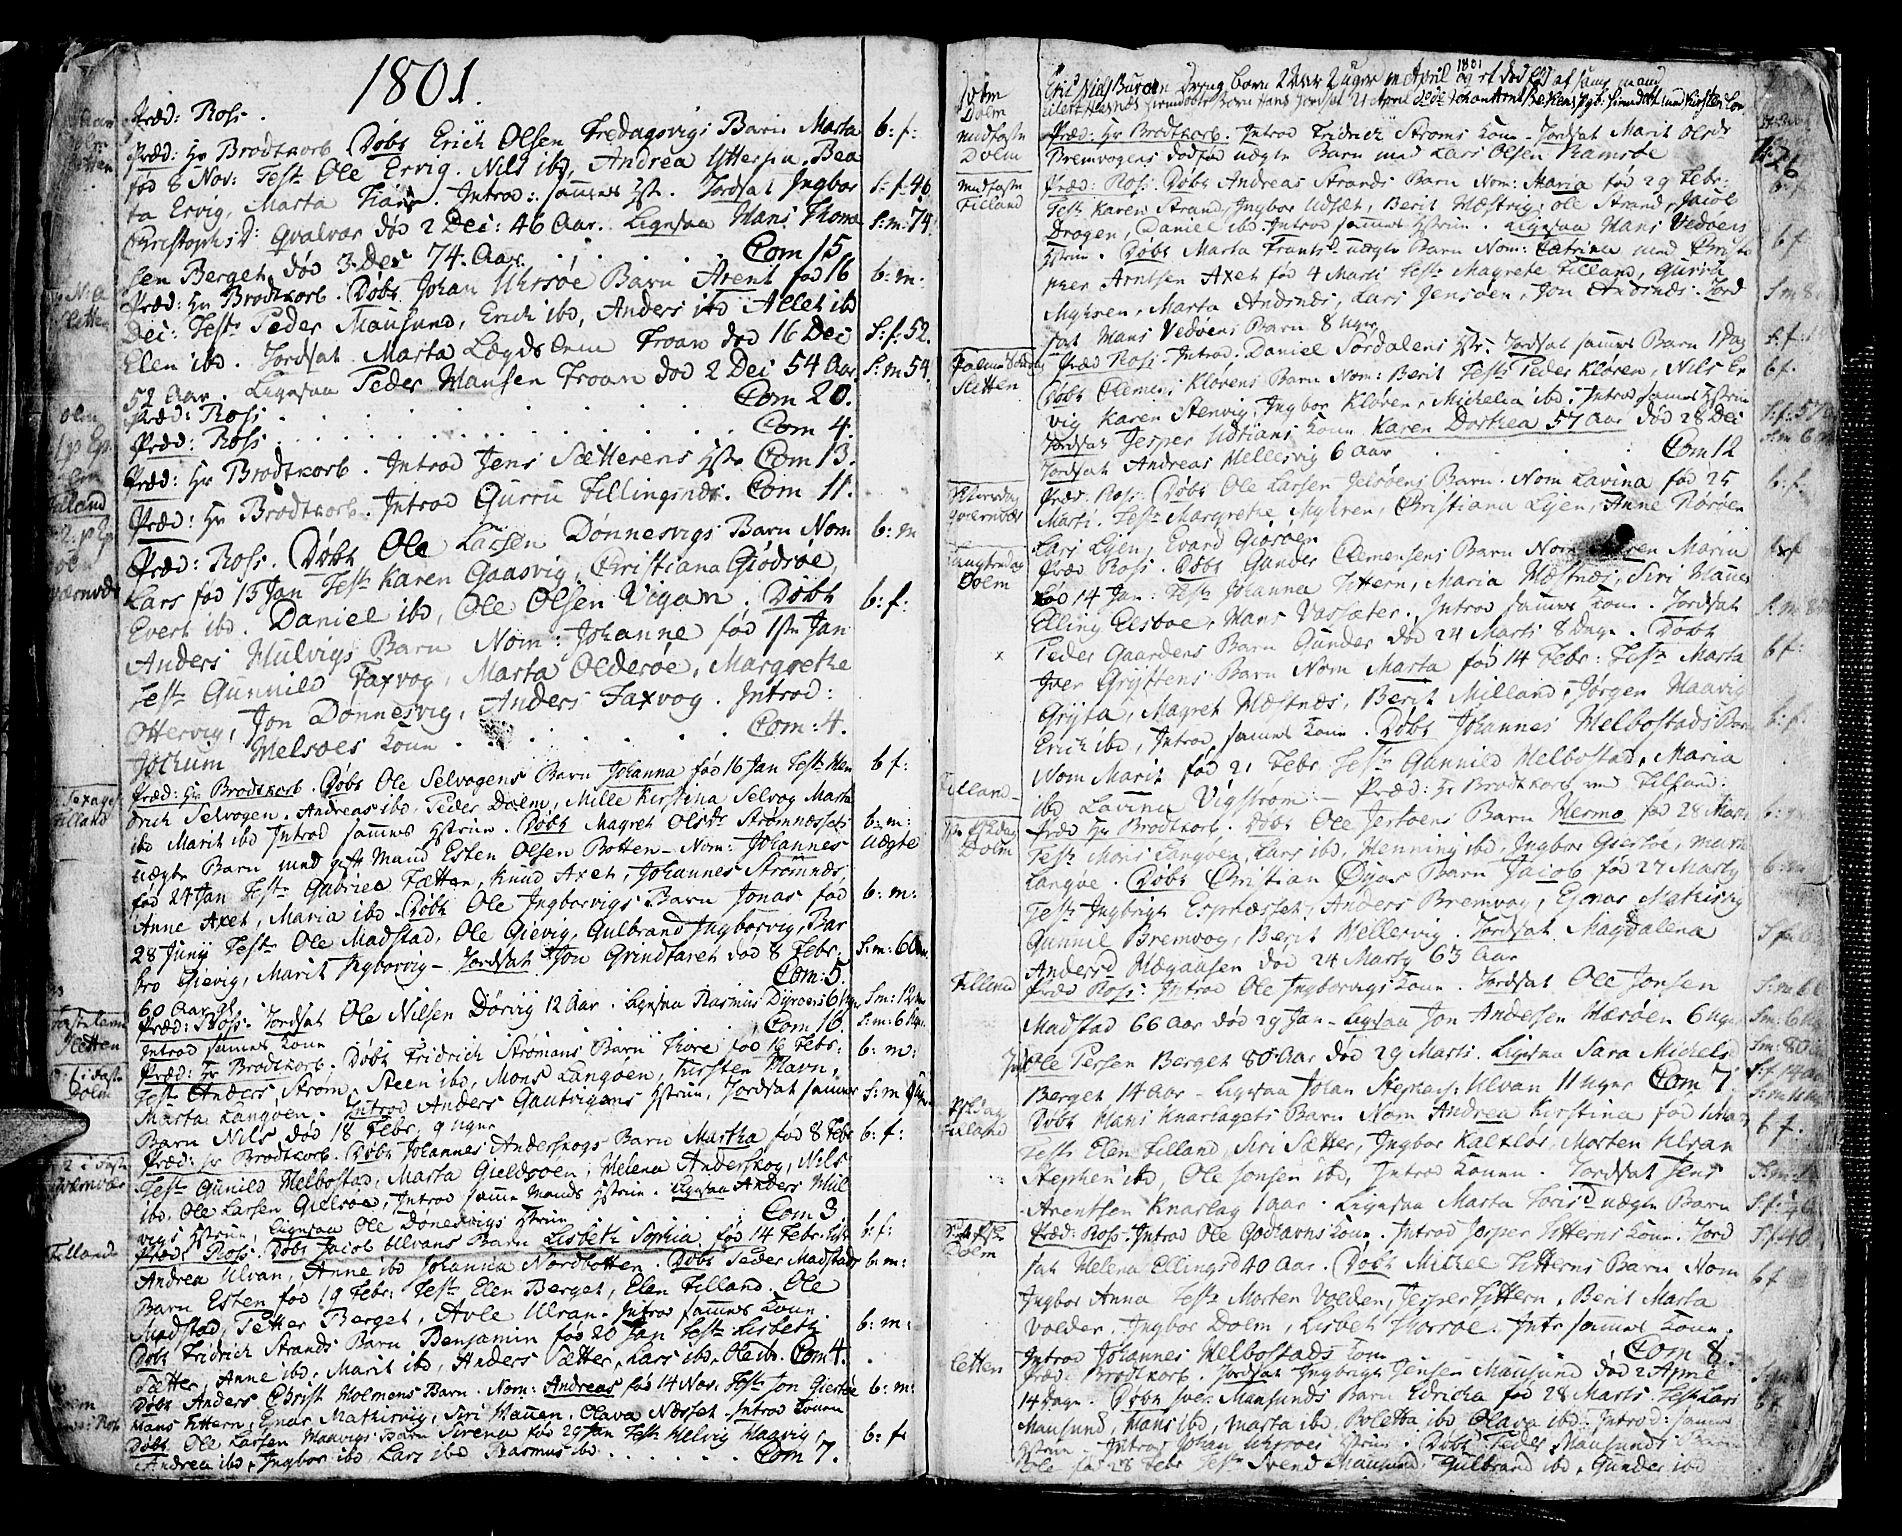 SAT, Ministerialprotokoller, klokkerbøker og fødselsregistre - Sør-Trøndelag, 634/L0526: Ministerialbok nr. 634A02, 1775-1818, s. 126